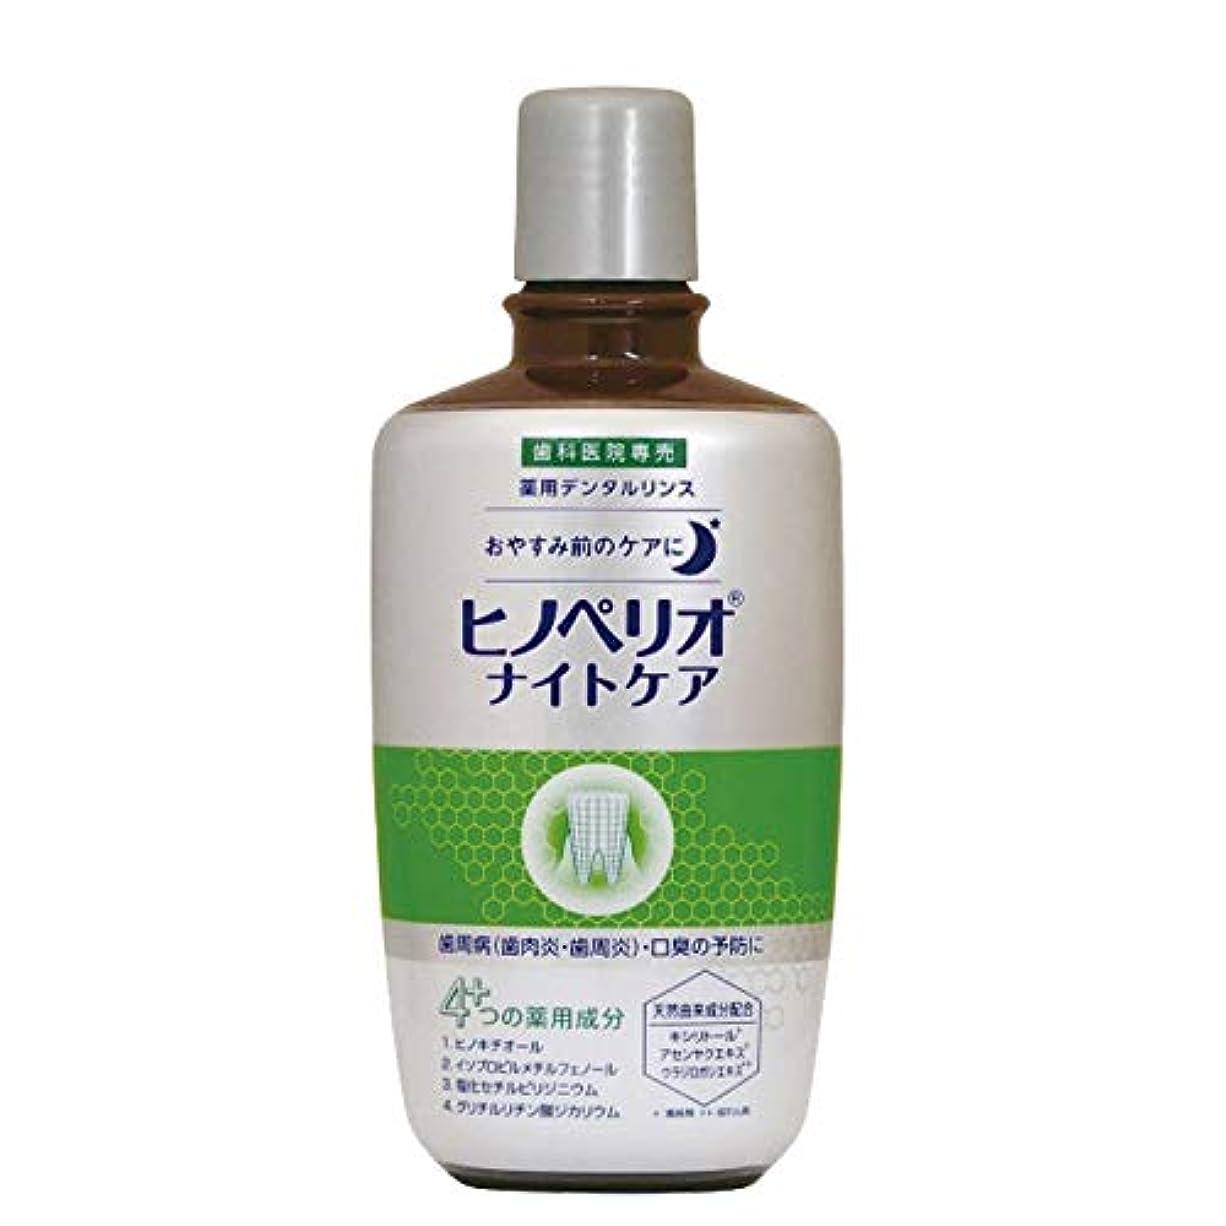 リススーダン味方薬用デンタルリンス ヒノペリオ ナイトケア 300ml × 1本